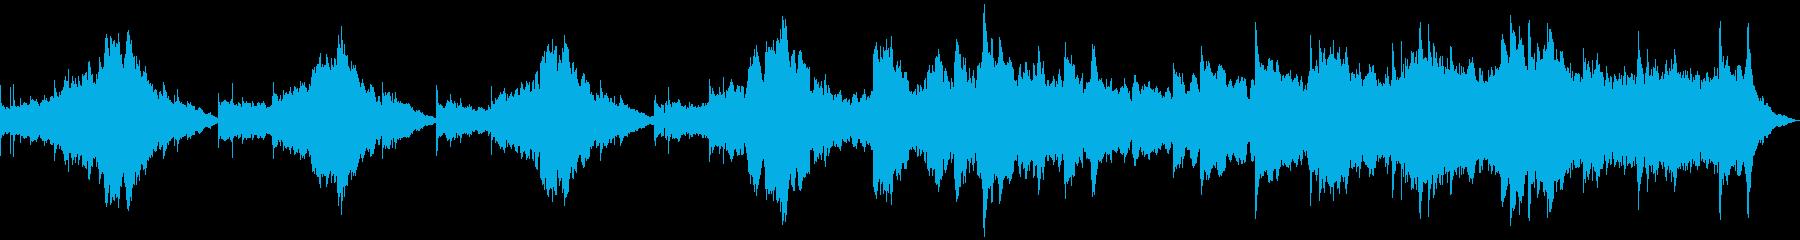 現代の交響曲 ファンタジー 魔法 ...の再生済みの波形